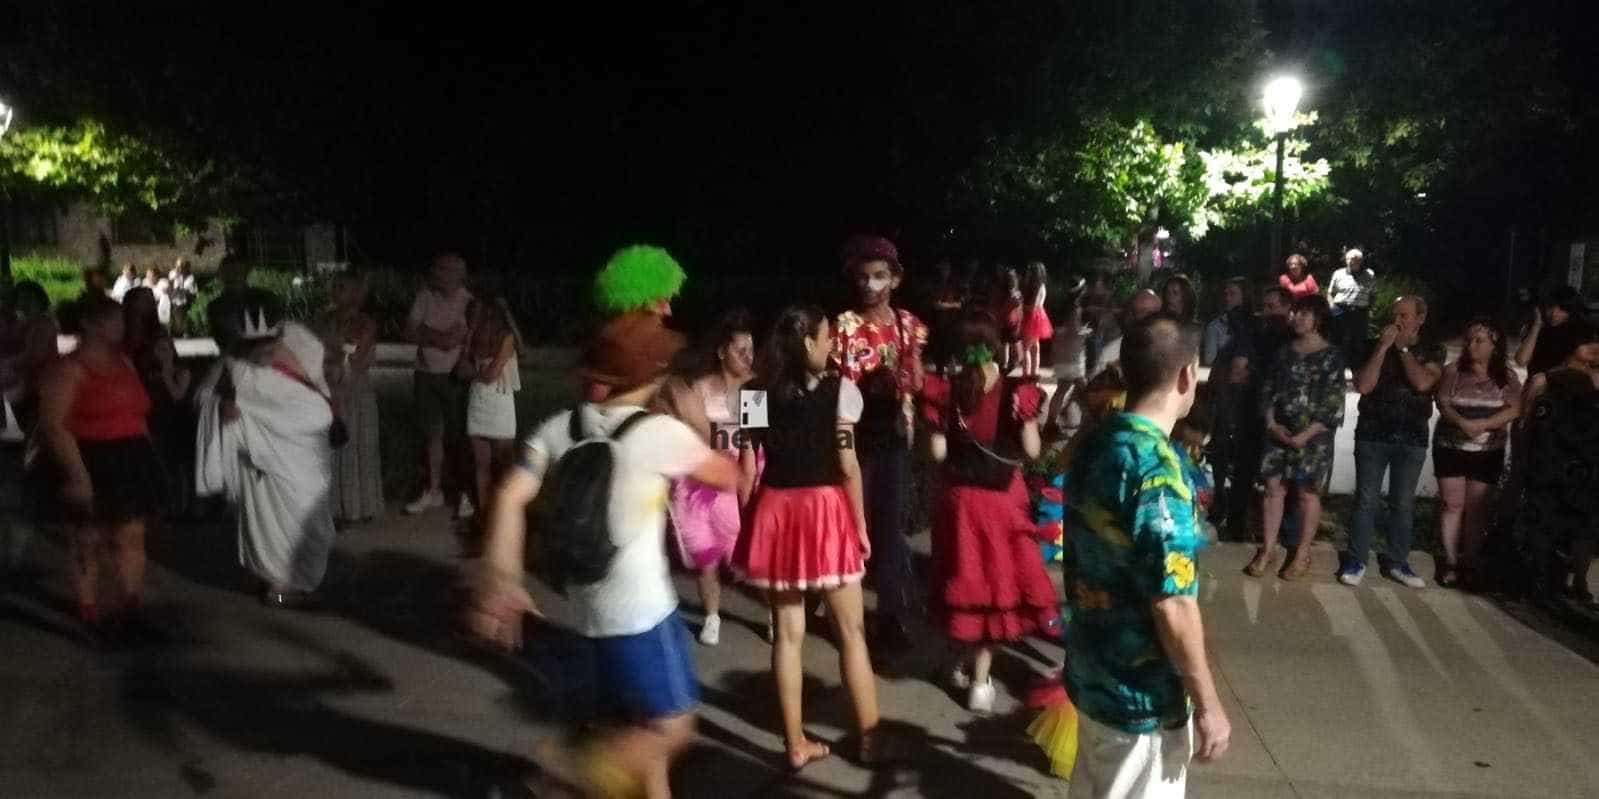 Carnaval de herencia 2019 galeria 53 - Galería de fotografías del Carnaval de Verano 2019